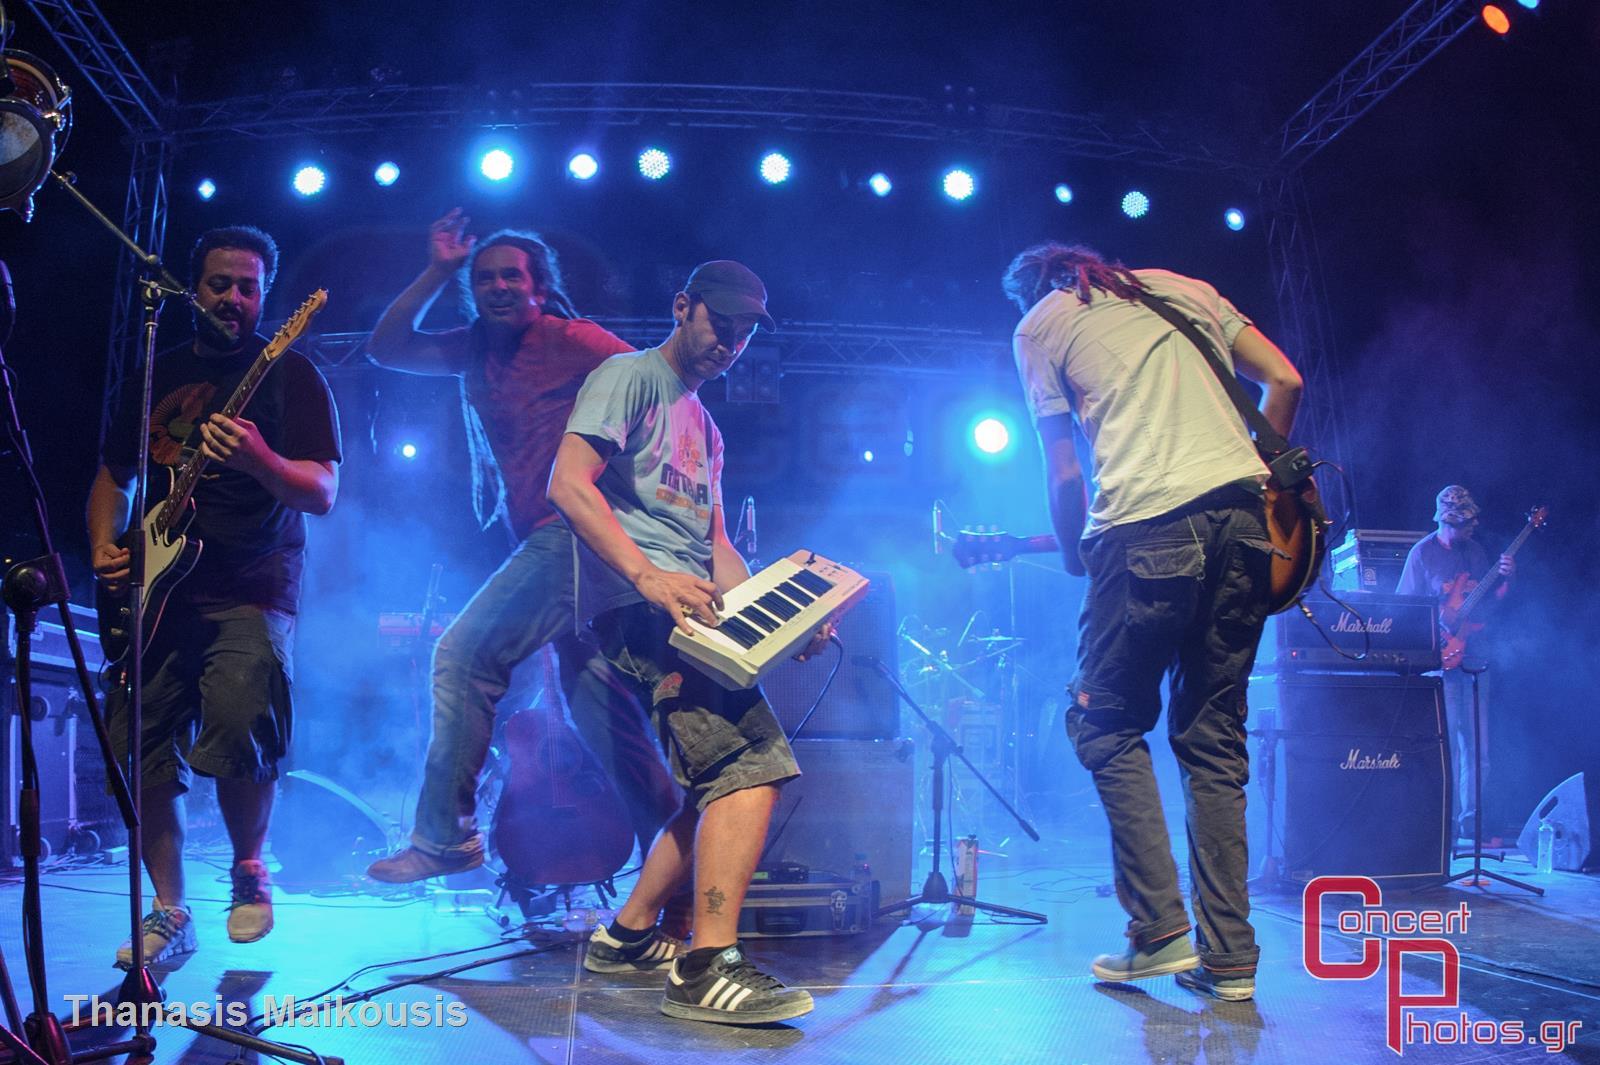 Locomondo-Locomondo 2013 Bolivar photographer: Thanasis Maikousis - concertphotos_-6472